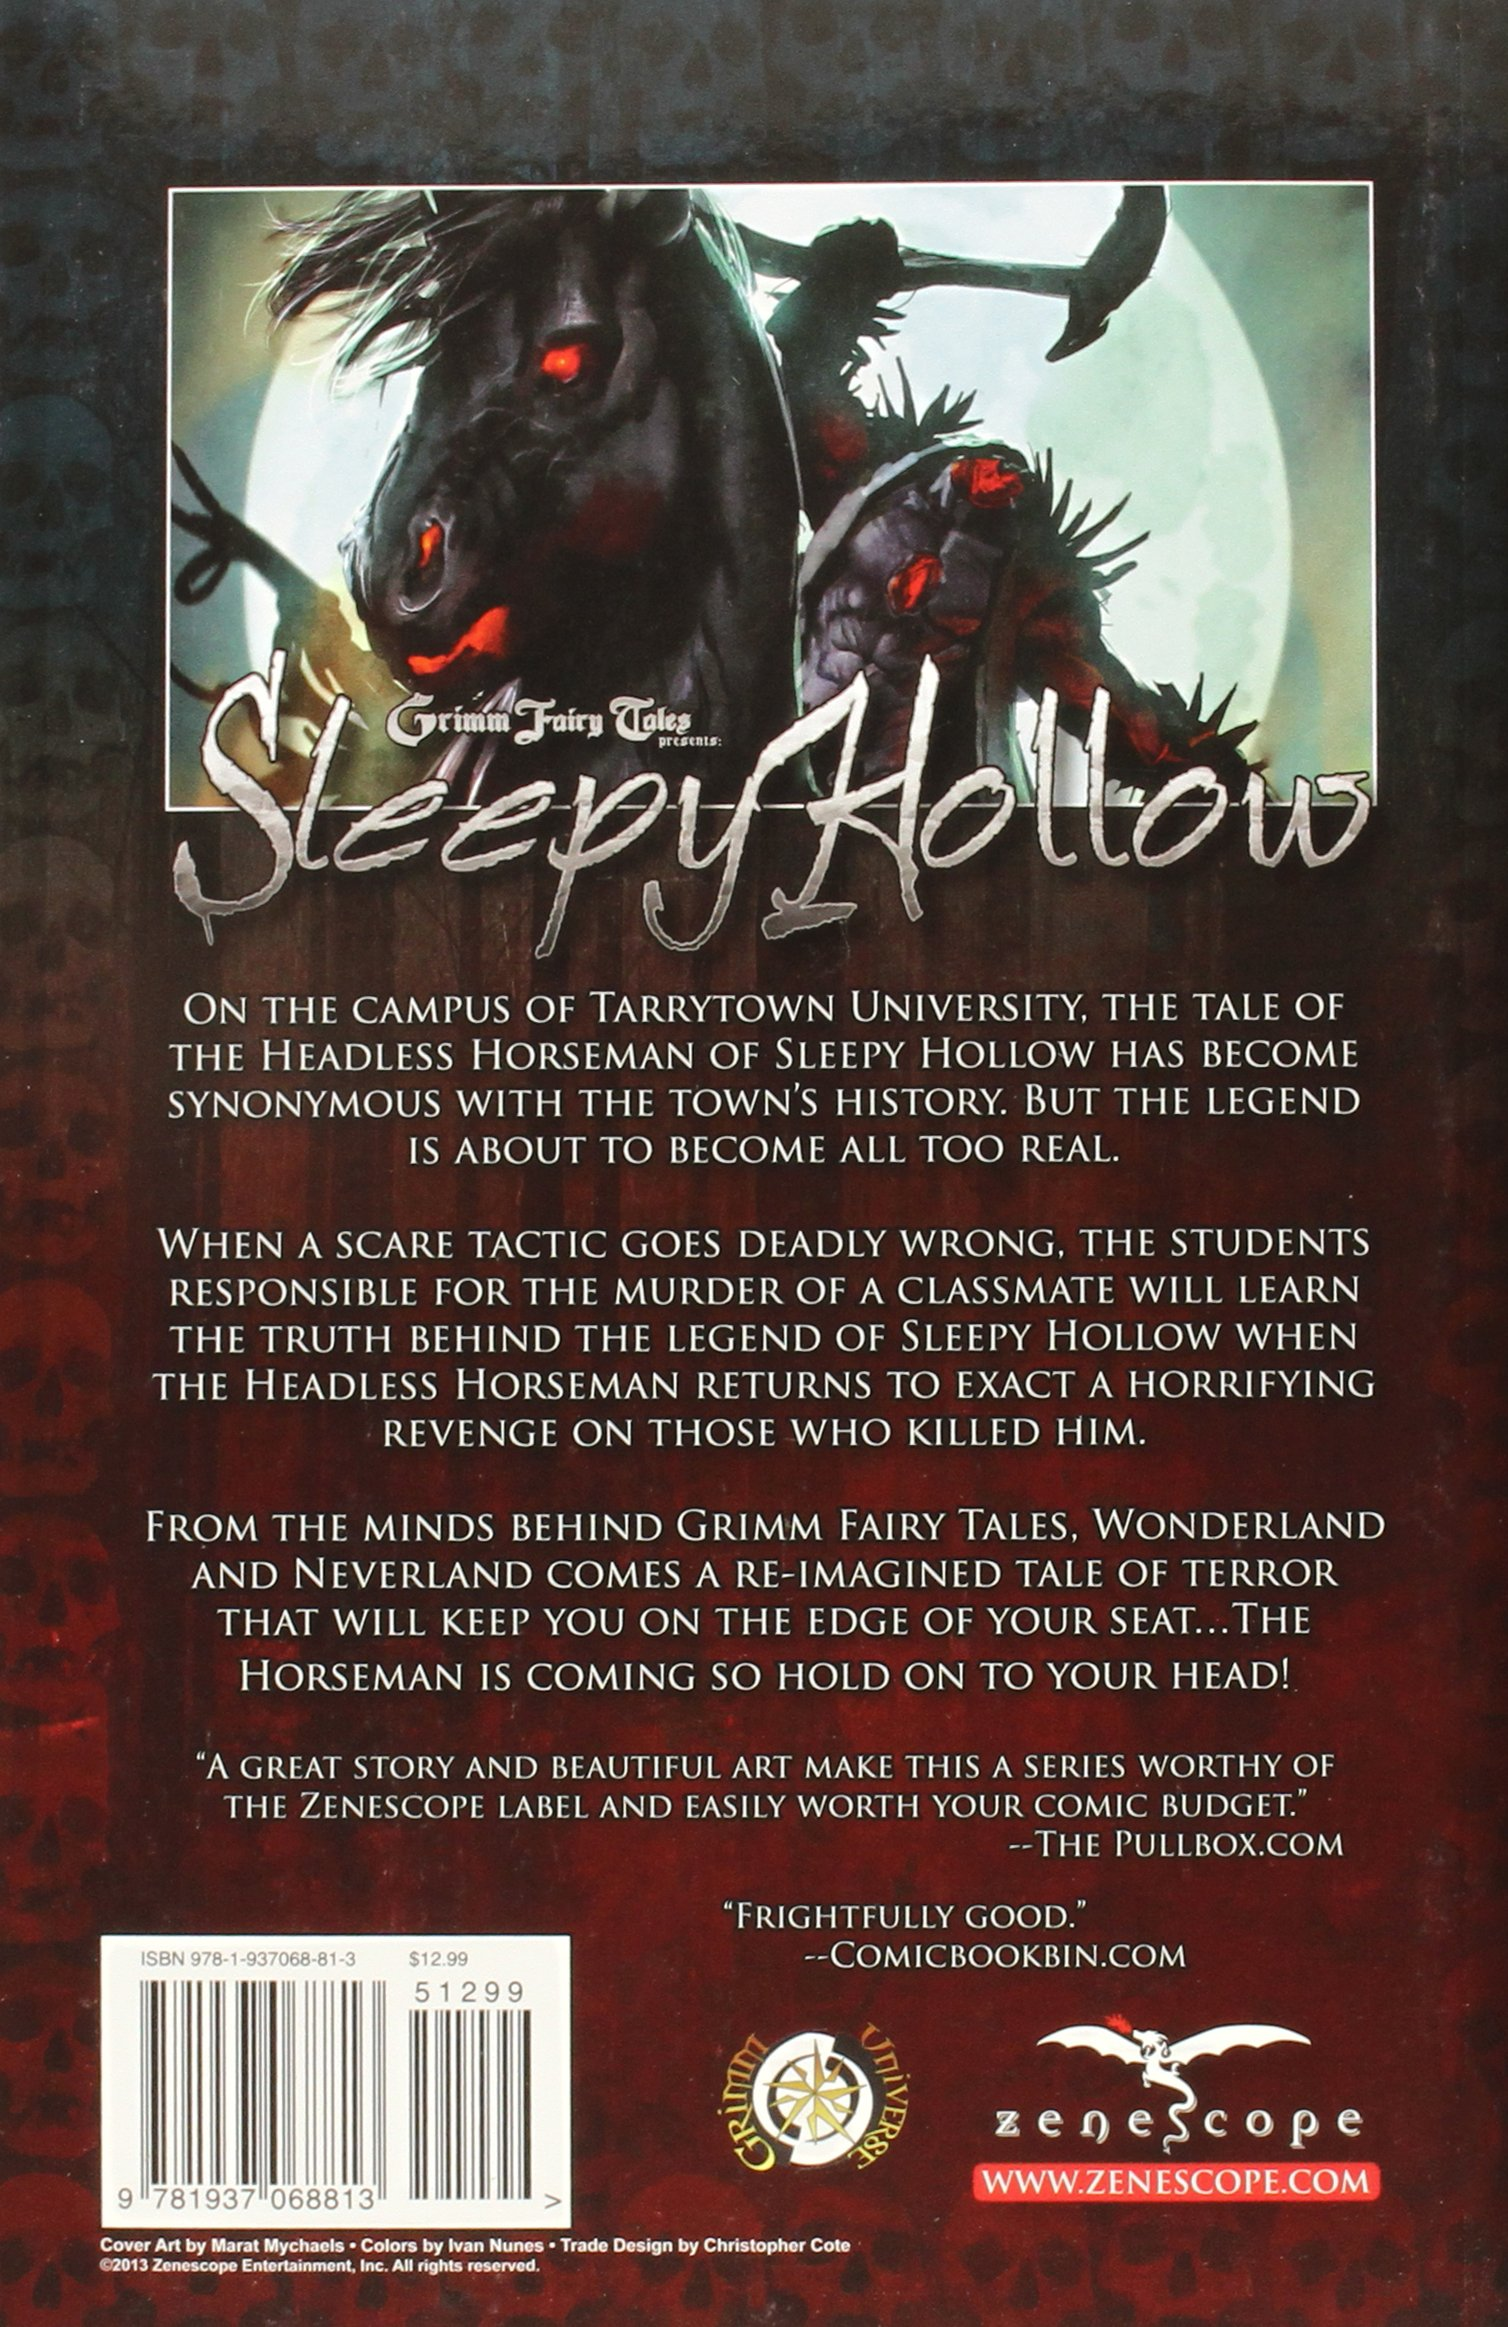 Grimm Fairy Tales Presents: Sleepy Hollow: Amazon.es: Dan Wickline: Libros en idiomas extranjeros